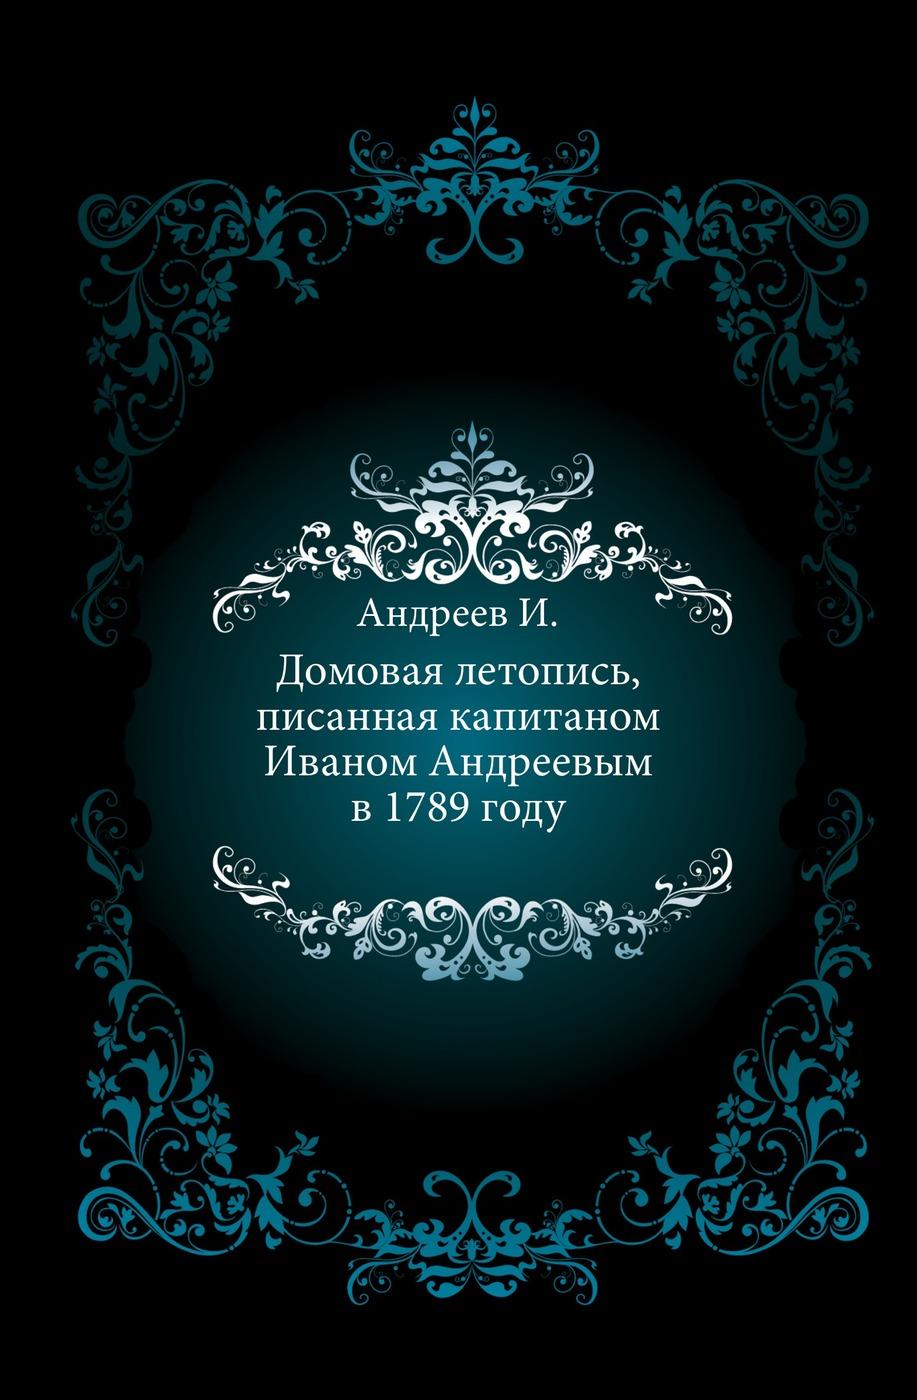 Домовая летопись, писанная капитаном Иваном Андреевым в 1789 году.